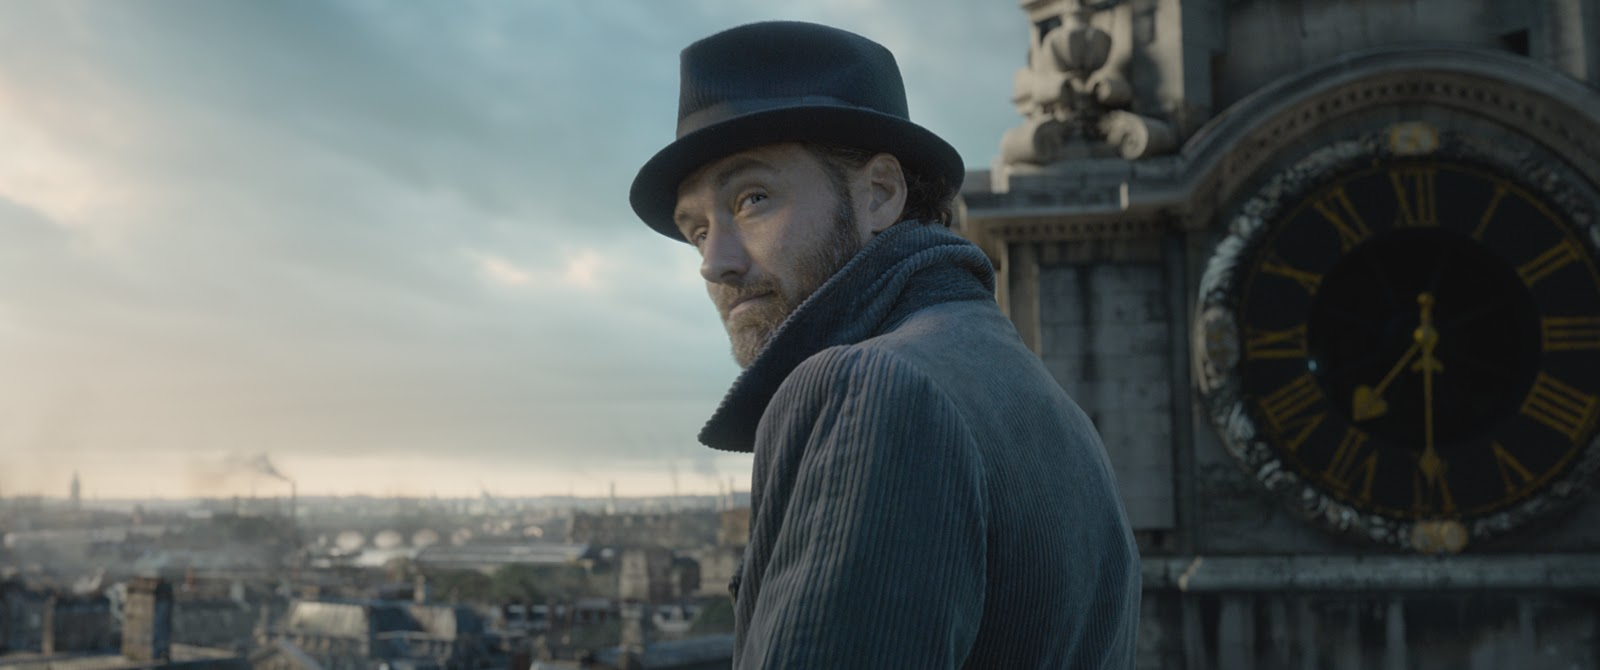 Os Crimes de Grindelwald ganhará versão estendida em Blu-ray